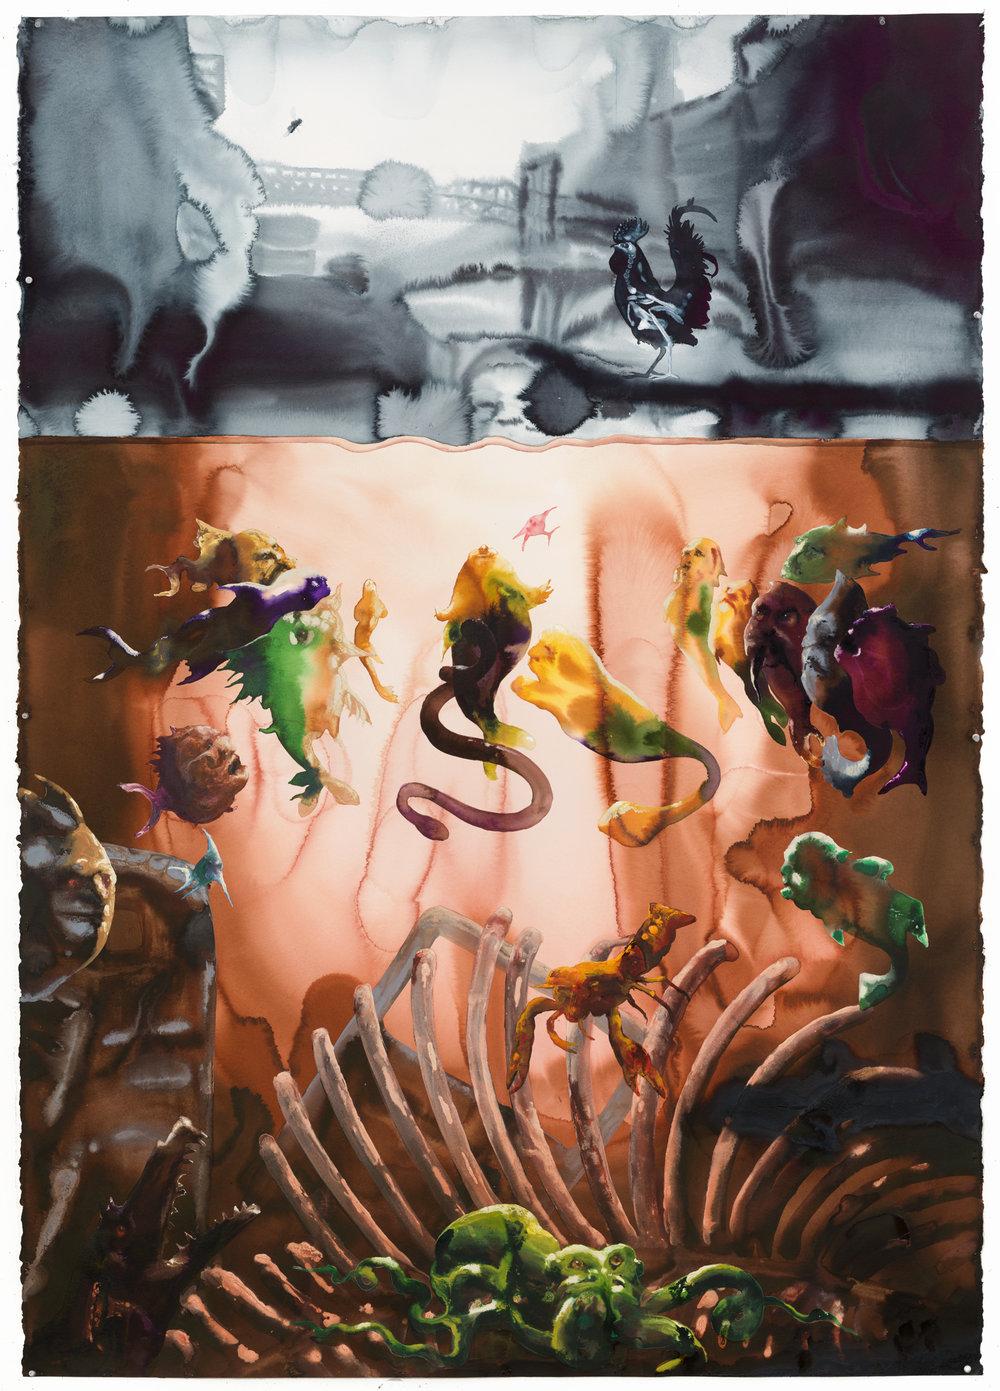 BUBBLY CREEK. Alexis Rockman, 2017